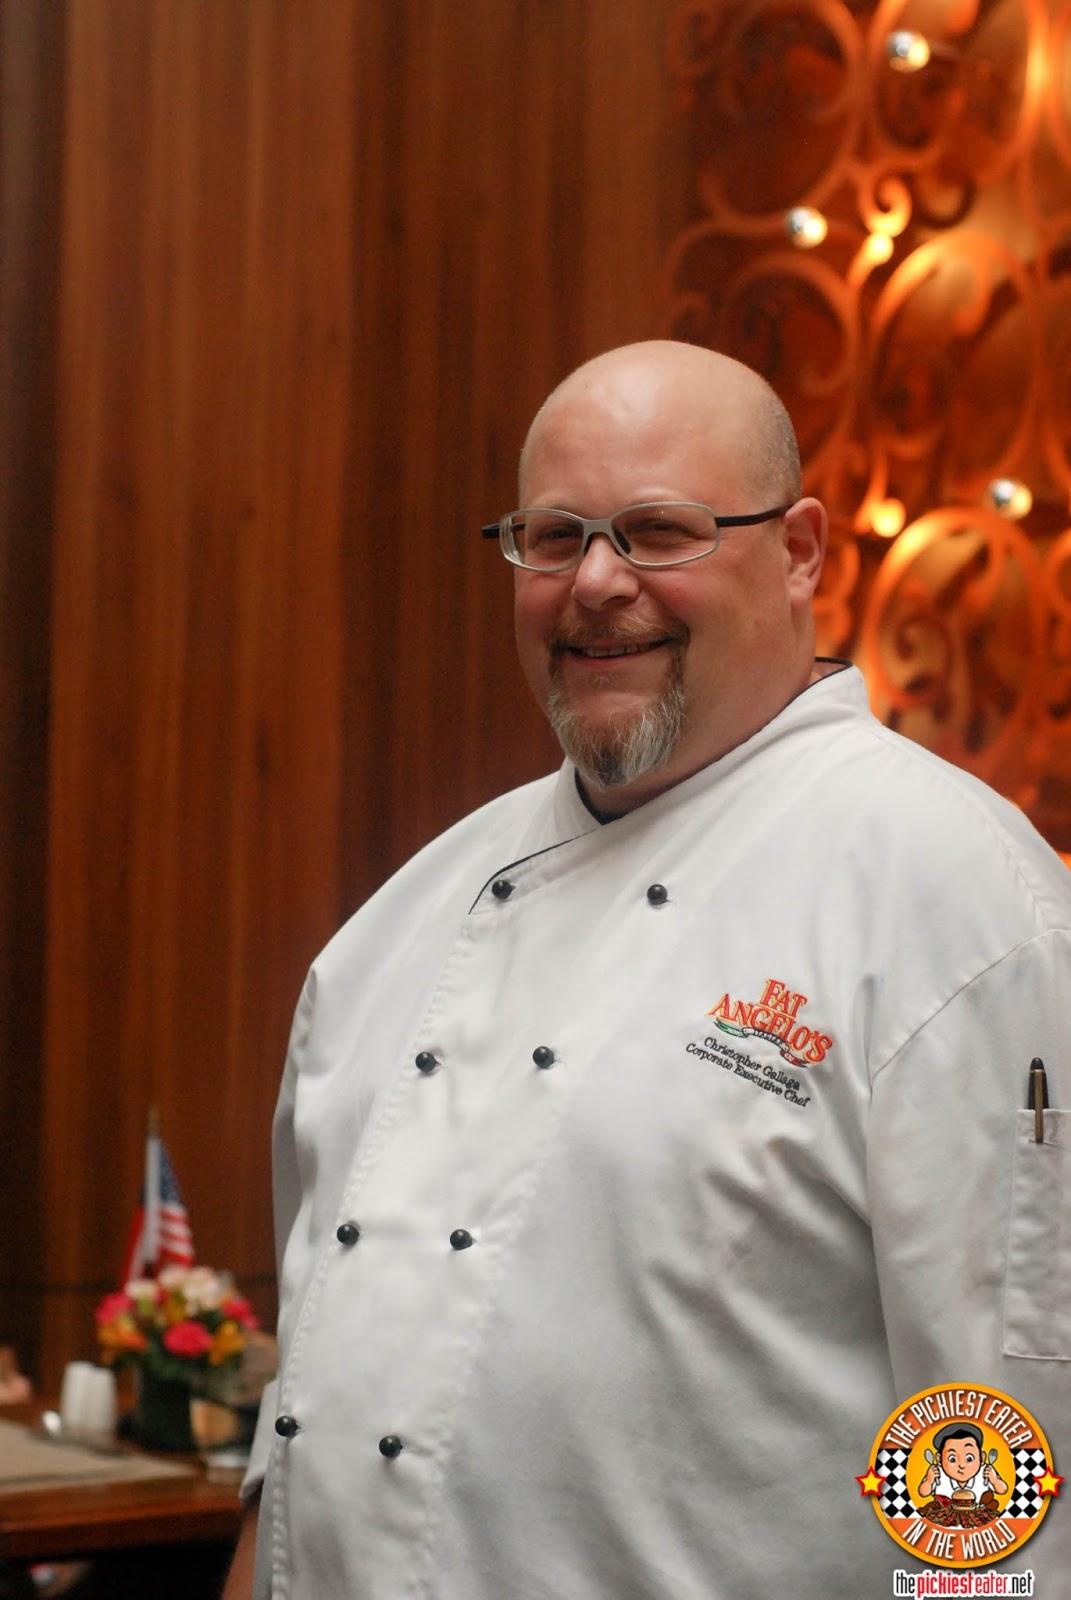 Fat Italian Chef At fat angelo's italian